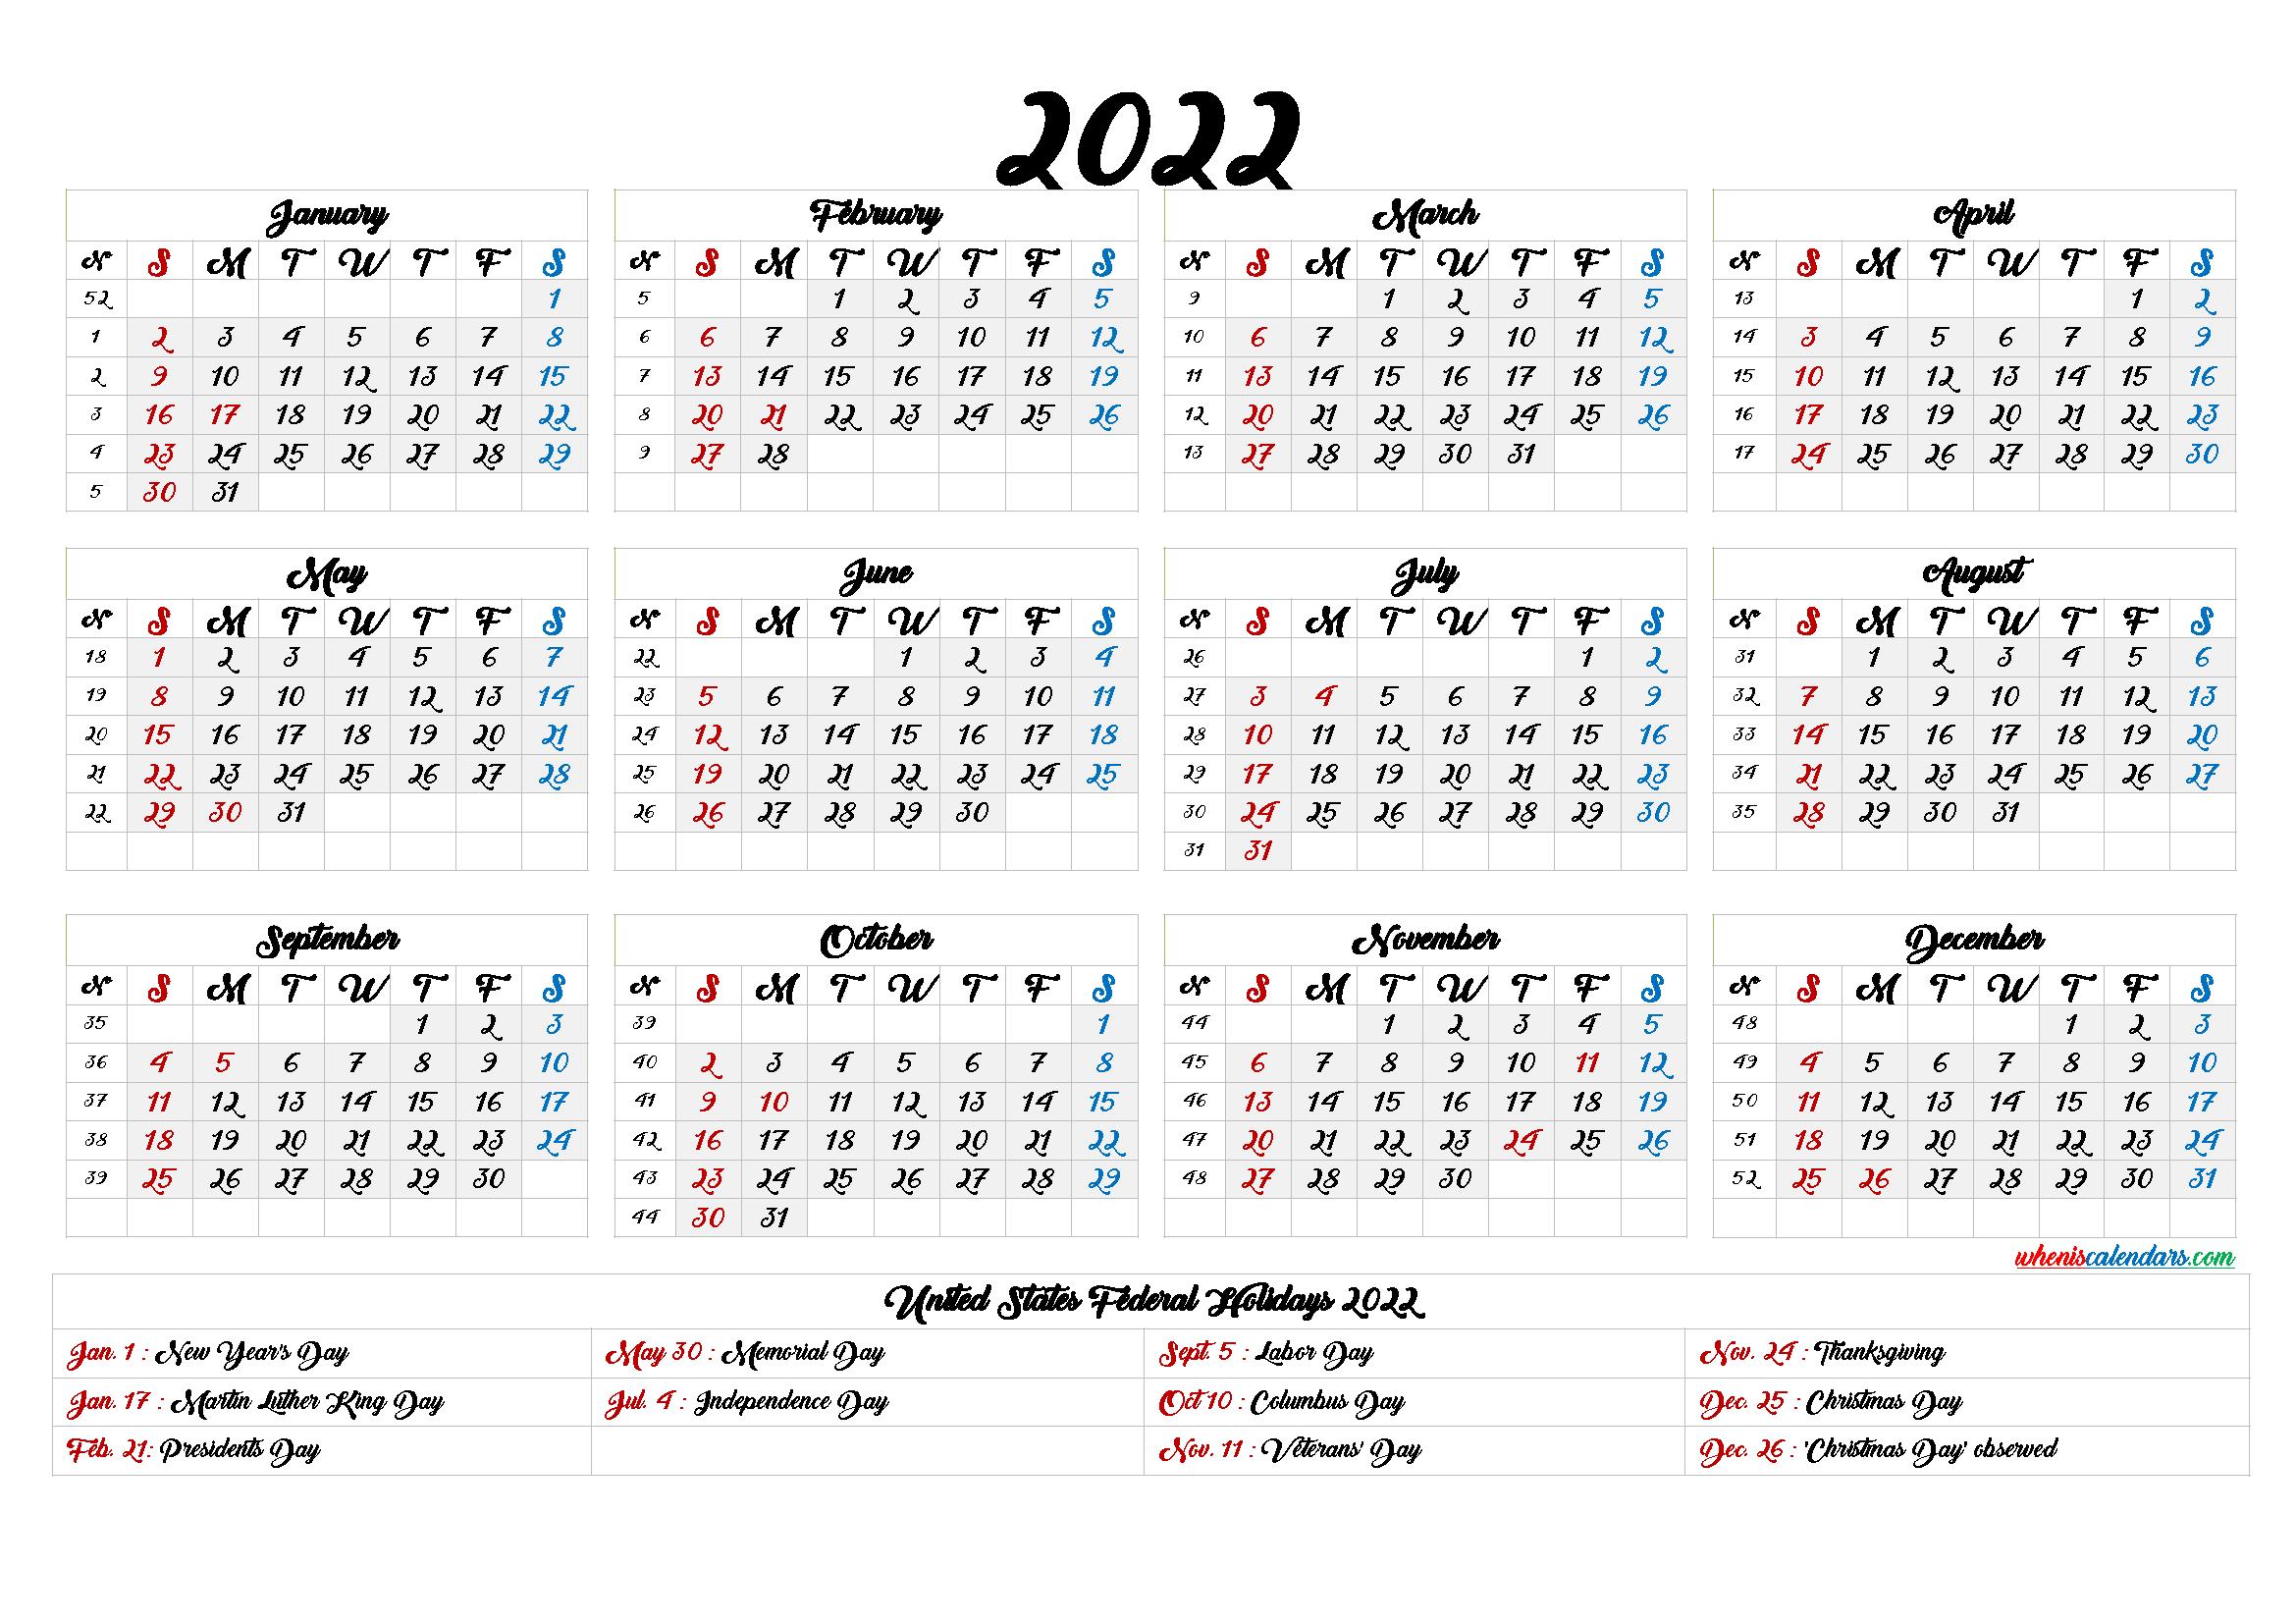 2022 Calendar With Week Numbers Printable 6 Templates Printable Calendar Template Calendar Template Monthly Calendar Printable